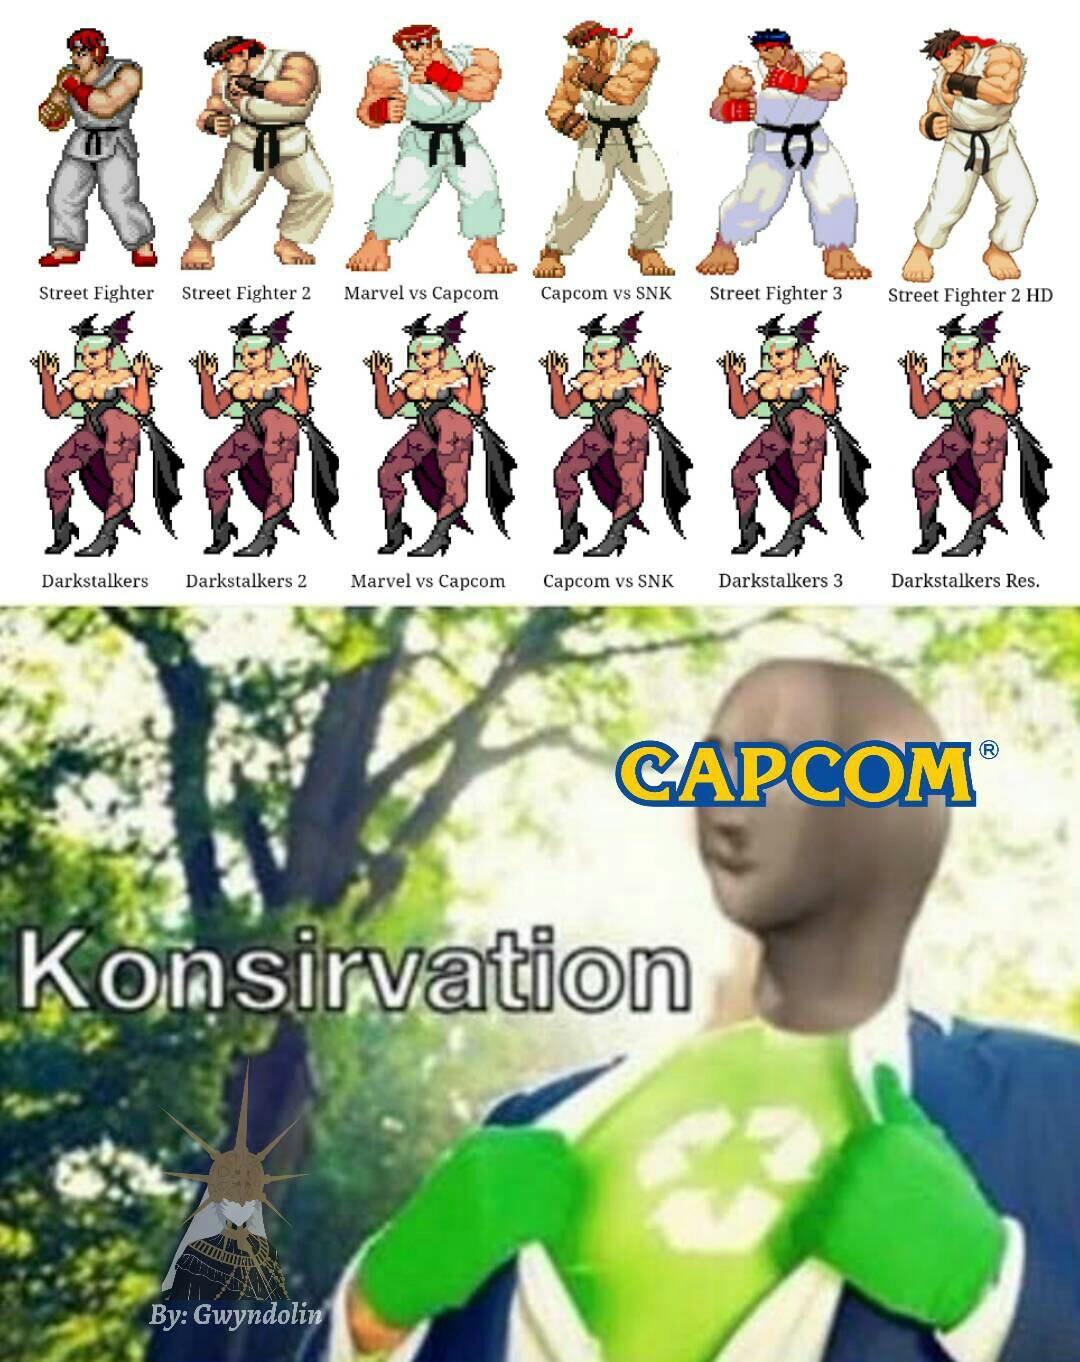 Capcom - meme